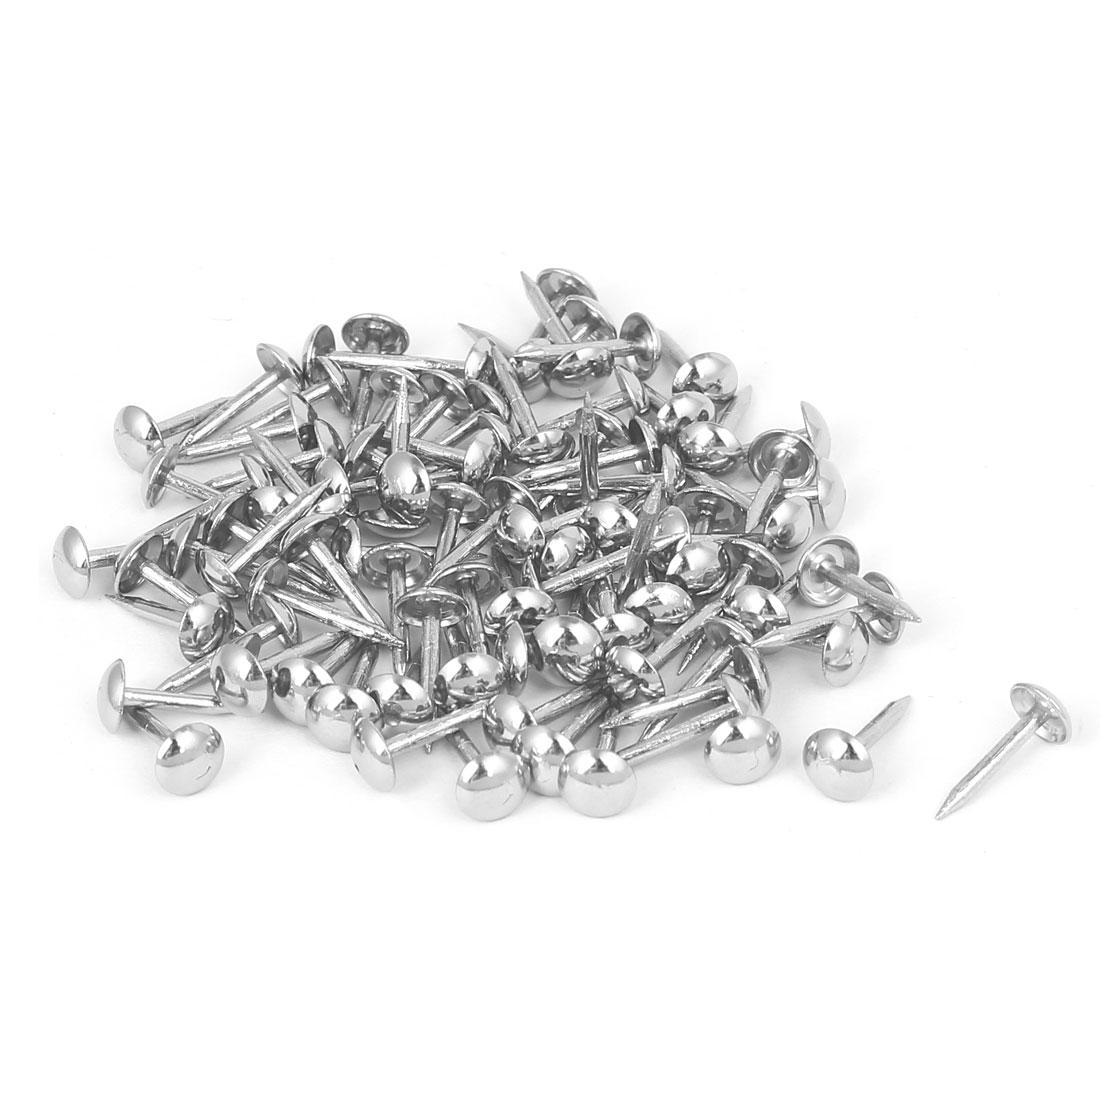 Home Furniture Upholstery Thumb Tack Nail Push Pin Silver Tone 6mm x 14mm 100pcs